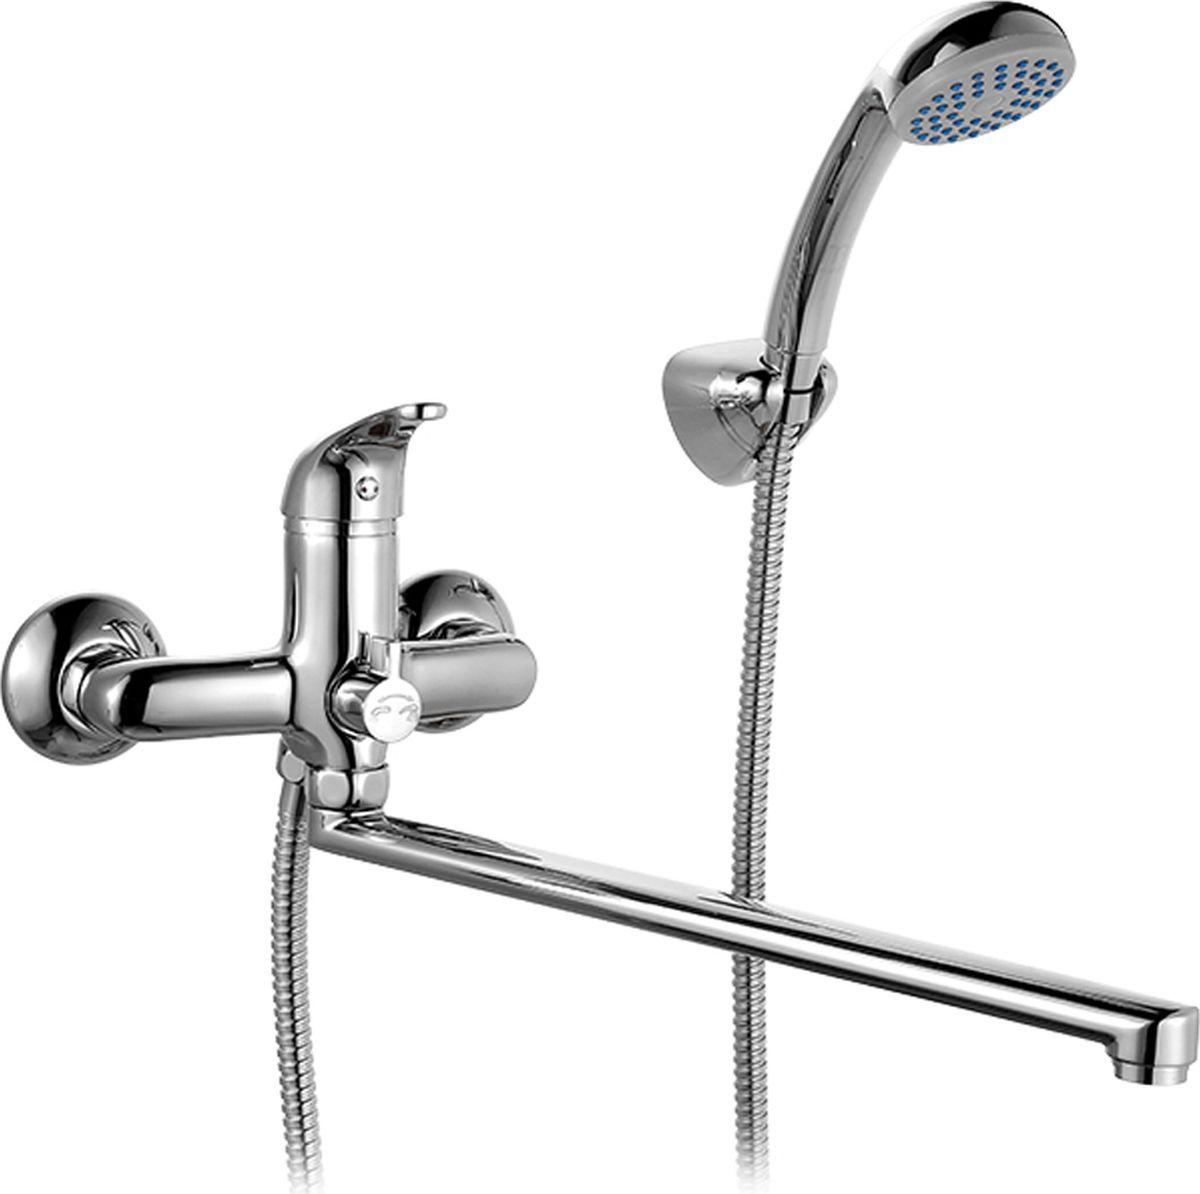 Смеситель для ванны Milardo Davis, с длинным изливом, цвет: хромDAVSBLCM10Смеситель для ванны Milardo Davis изготовлен из высококачественной первичной латуни, прочной, безопасной и стойкой к коррозии. Инновационные технологии литья и обработки латуни, а также увеличенная толщина стенок смесителя обеспечивают его стойкость к перепадам давления и температур. Увеличенное никель-хромовое покрытие полностью соответствует европейским стандартам качества, обеспечивает его стойкость и зеркальный блеск в течение всего срока службы изделия.Благодаря гладкой внутренней поверхности смесителя, рассекателям в водозапорных механизмах и аэратору он имеет минимальный уровень шума. Смеситель оборудован керамическим дивертором, чей сверхнадежный механизм обеспечивает плавное и мягкое переключение с излива на душ, а также непревзойденную надежность при любом давлении воды.Аэратор: съемный пластиковый.Картридж: керамический. Диаметр картриджа: 35 мм.Дивертор: керамический.Длина излива: 41,5 см.